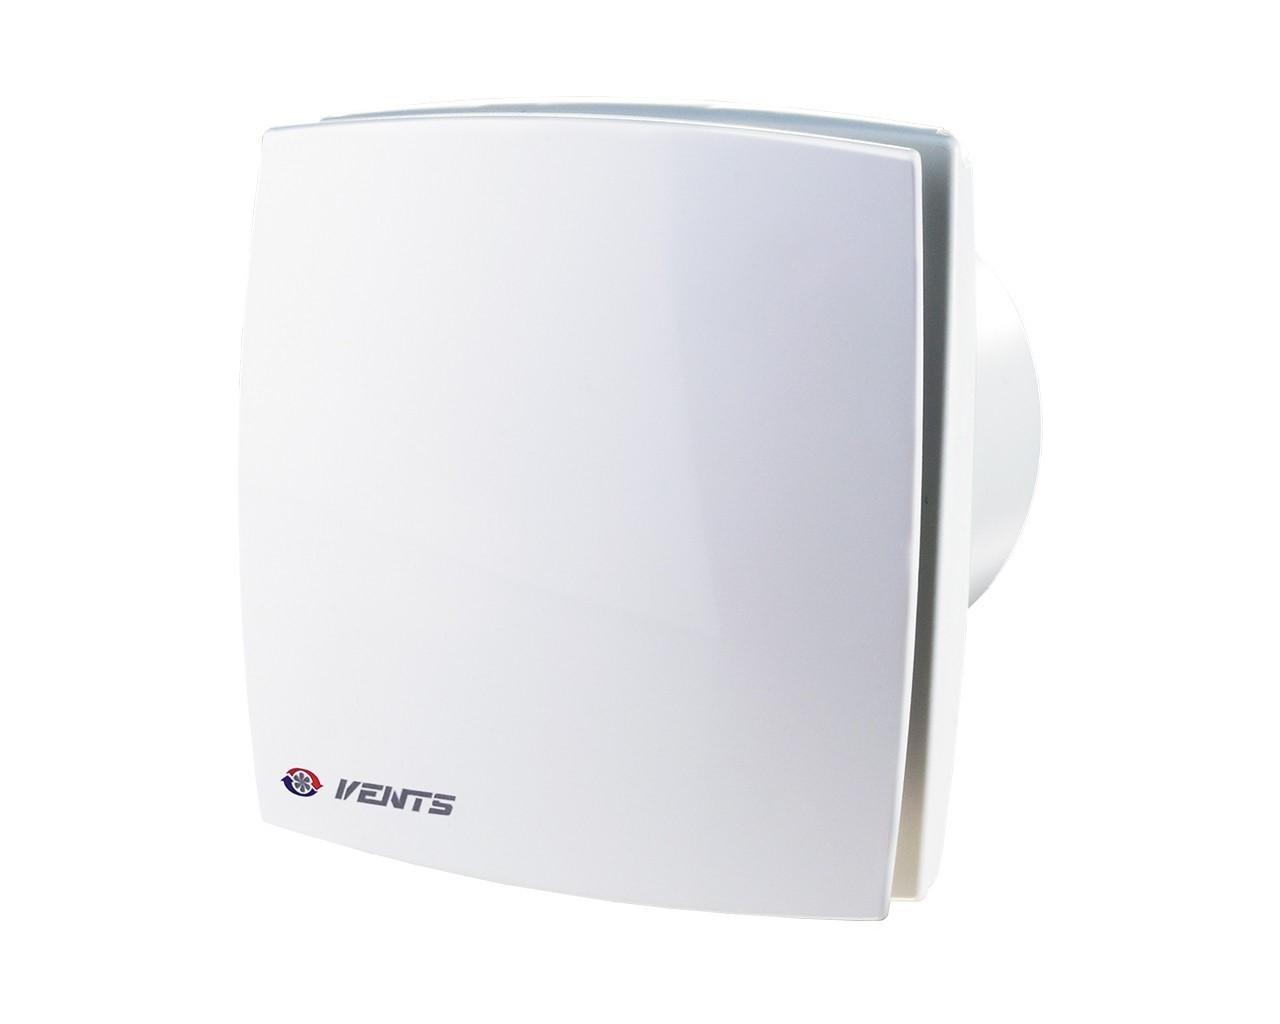 Вентс 100 ЛДТ вентилятор с таймером